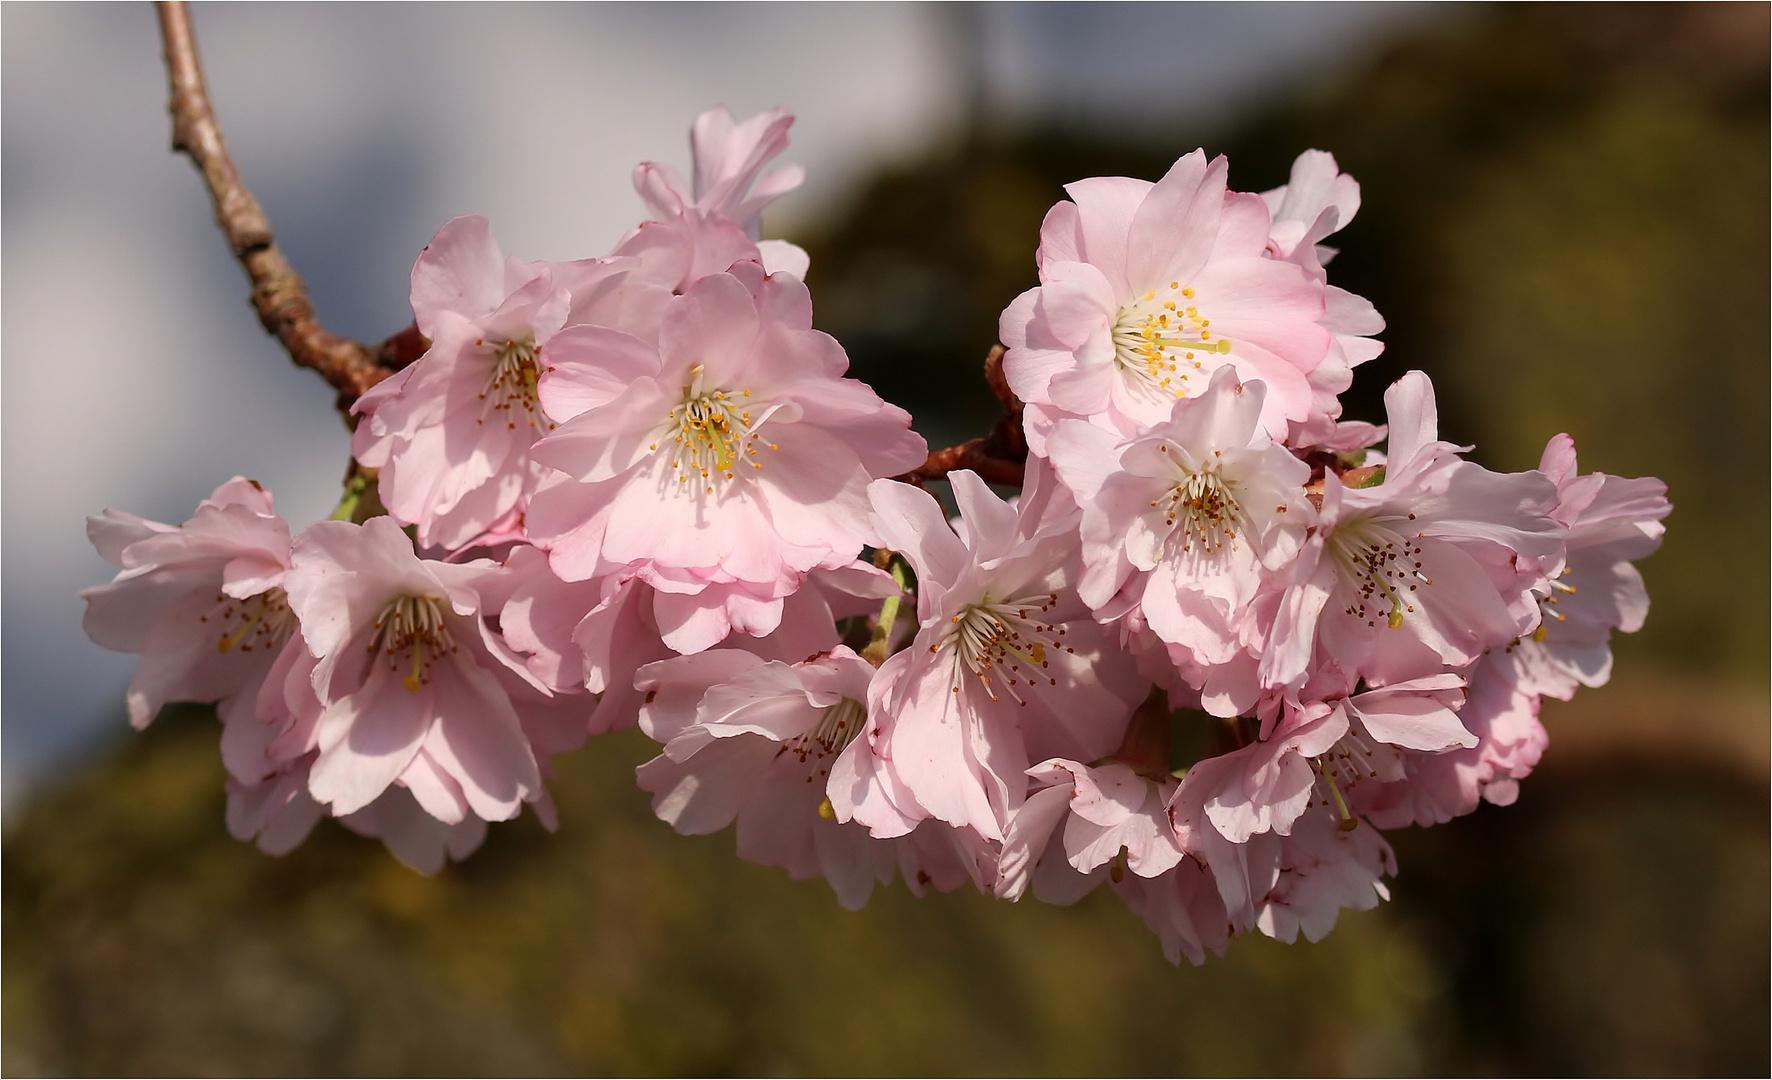 Am 18.03.2020! - Japanische Blütenkirsche (Prunus serrulata).